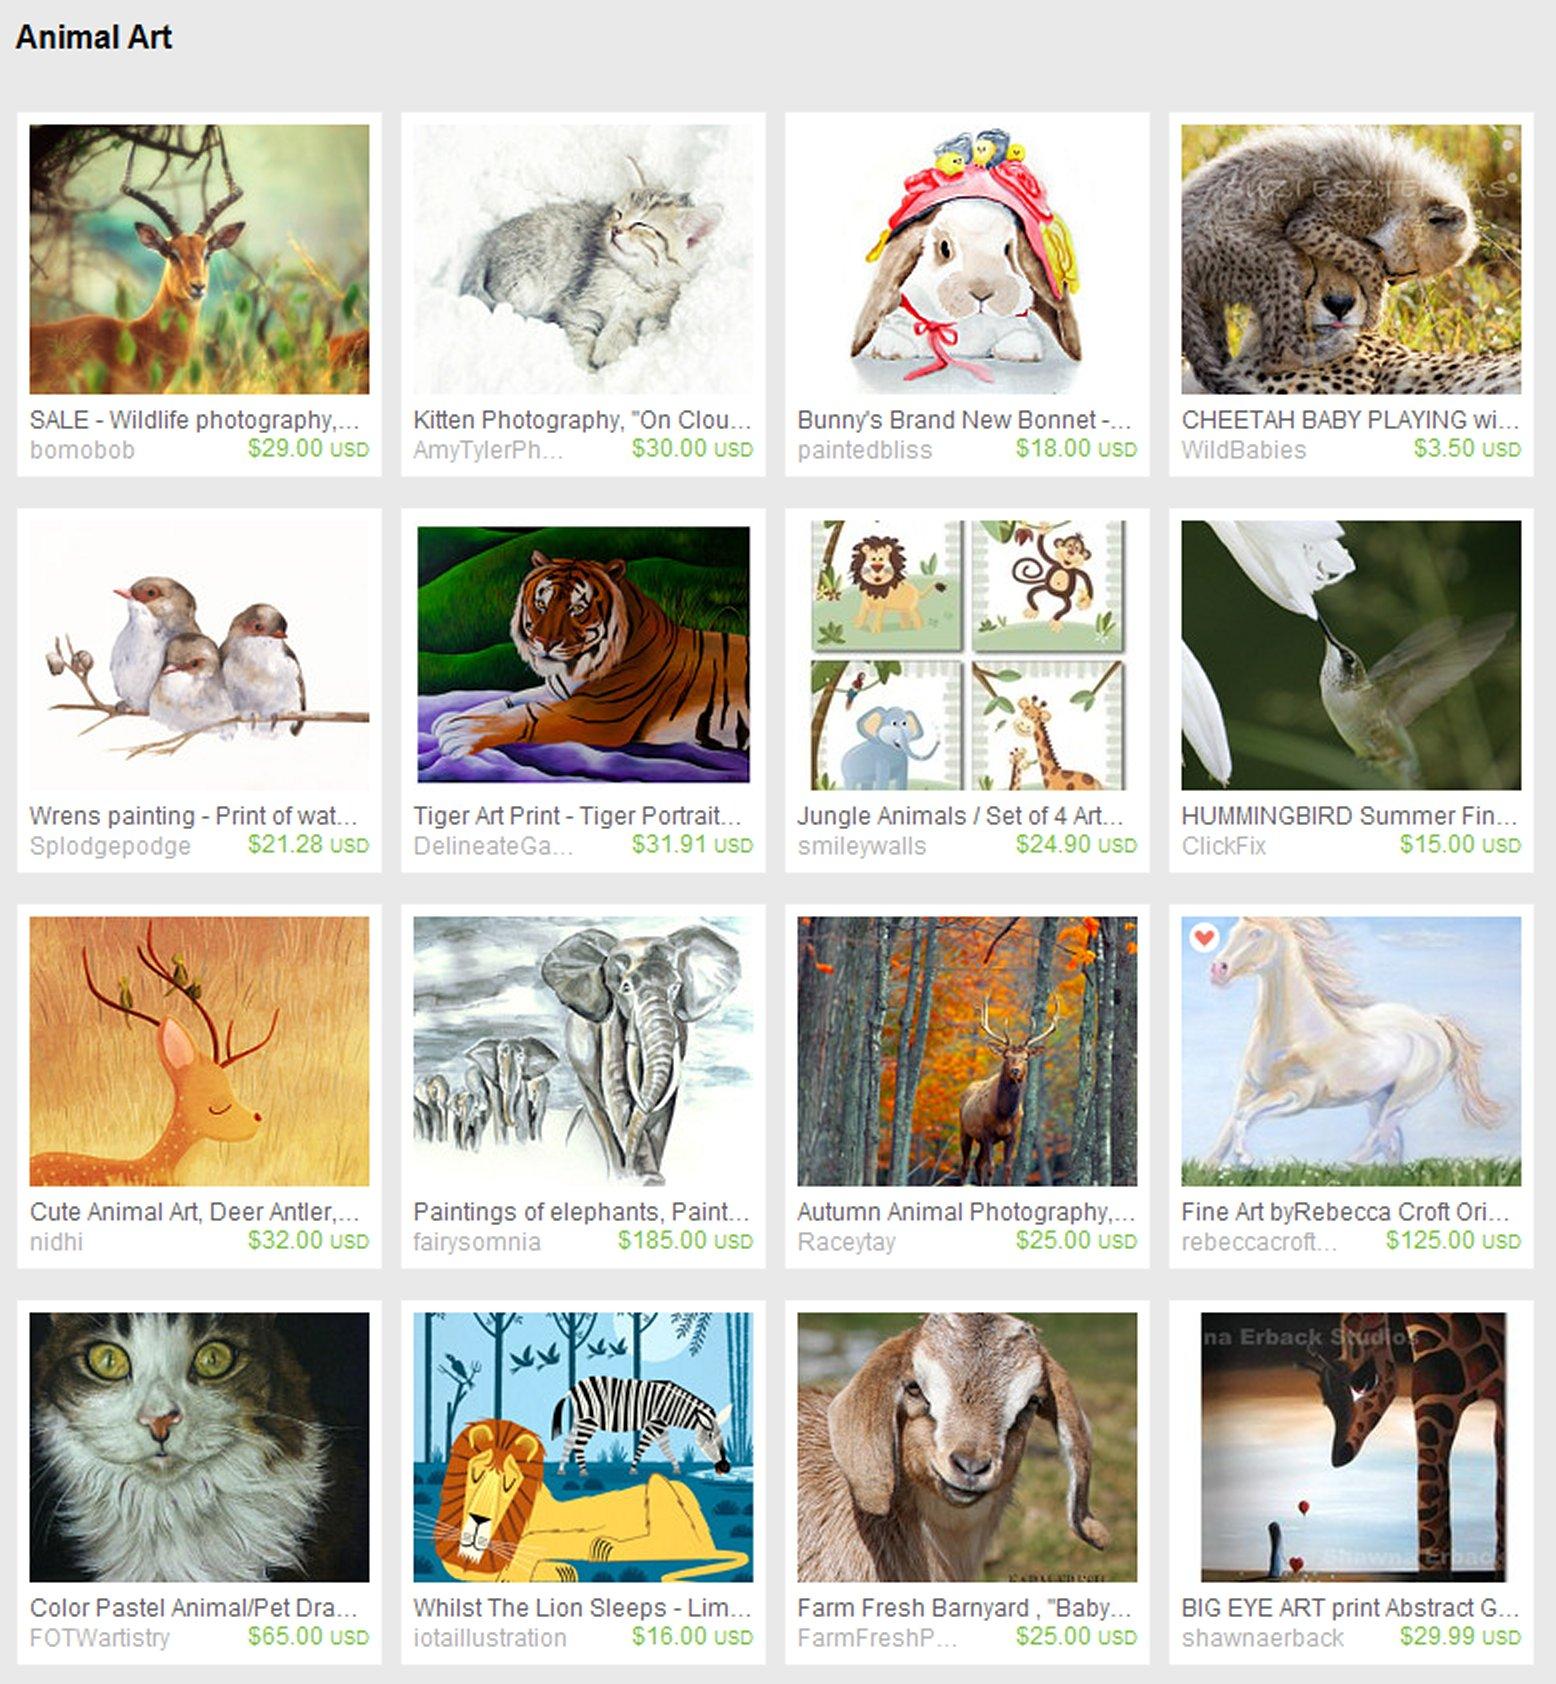 Animal art treasury list – celebrate animals